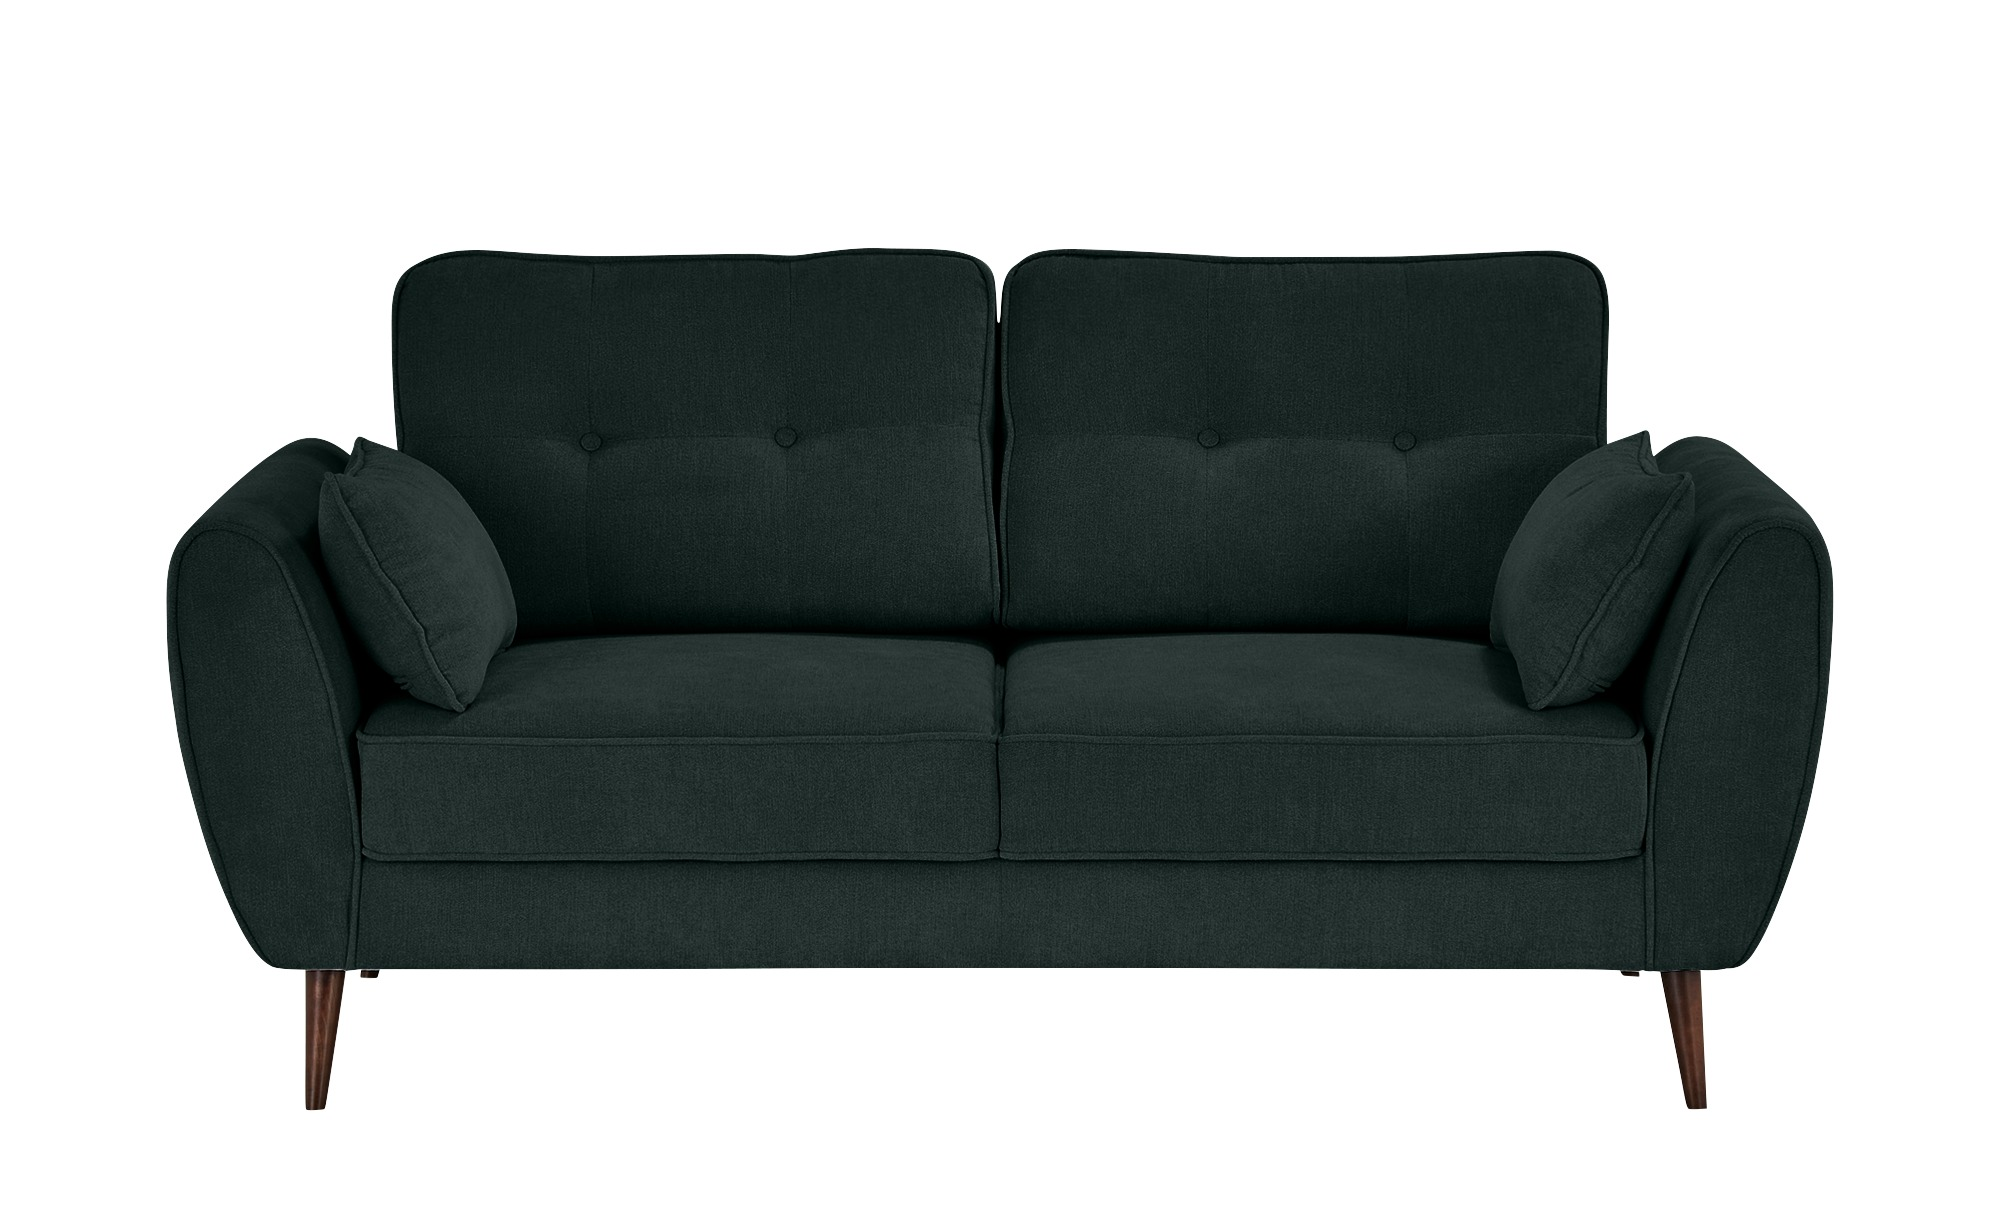 switch Sofa  Candy ¦ schwarz ¦ Maße (cm): B: 184 H: 86 T: 94 Polstermöbel > Sofas > 2-Sitzer - Höffner